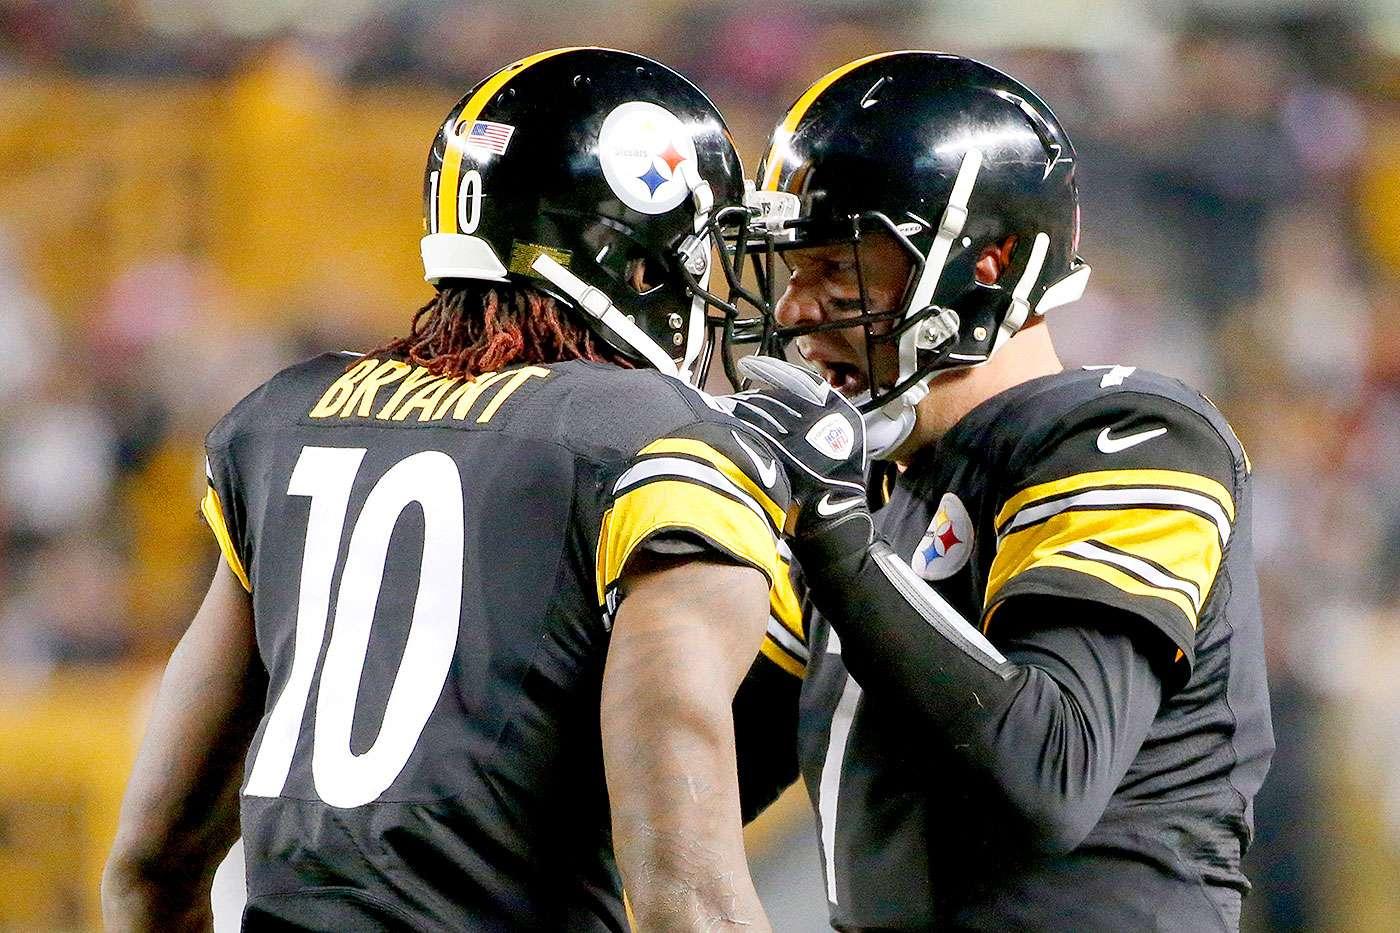 Ben Roethlisberger lanzó dos pases de anotación y el receptor Antonio Brown logró otro touchdown en una jugada de engaño al cierre de la primera mitad, para que los Pittsburgh Steelers vencieran por 30-23 a los Houston Texans. Foto: AP